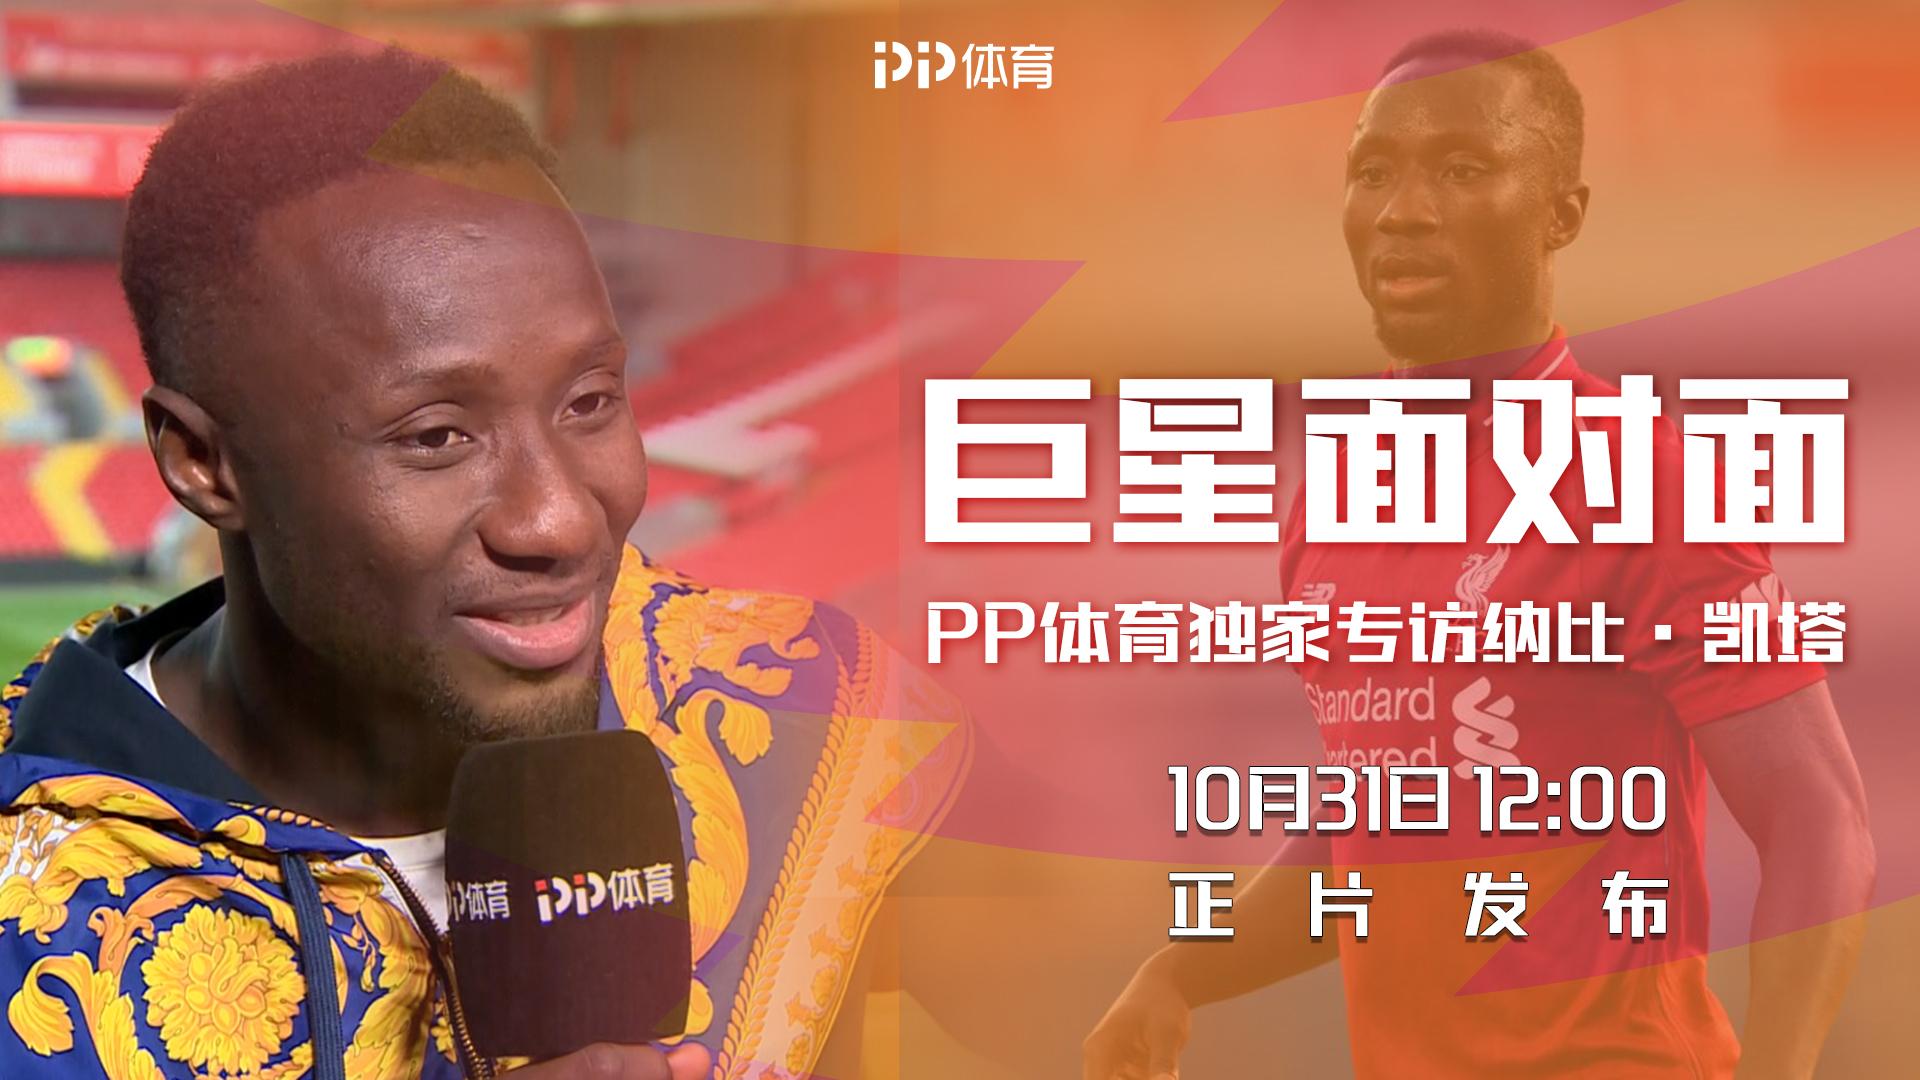 中国人民好朋友!纳比凯塔在PP体育专访中大秀中文:毫无压力